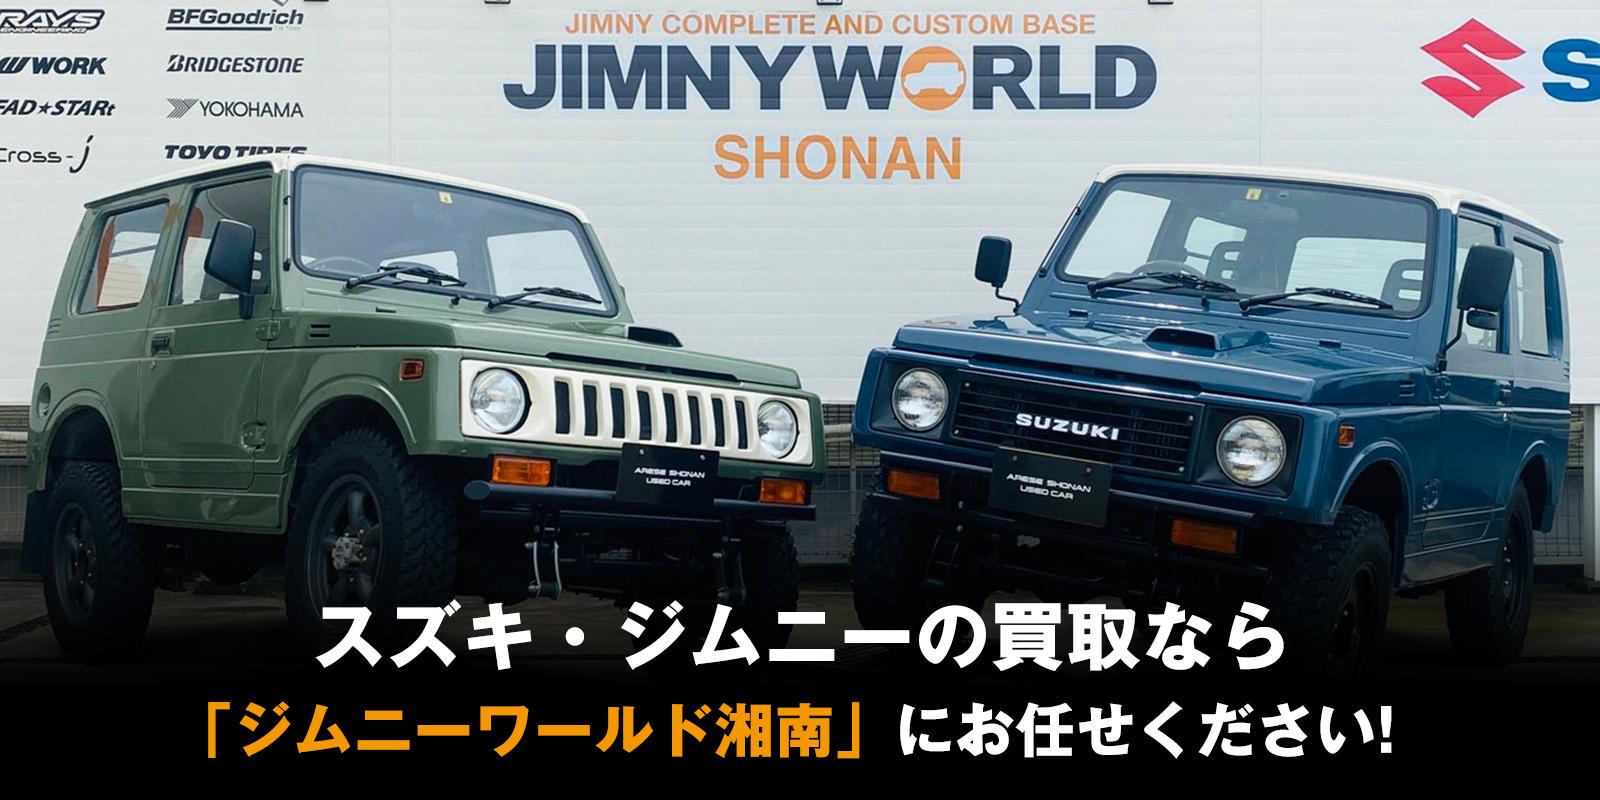 スズキ・ジムニーの買取なら「ジムニーワールド湘南」にお任せください!